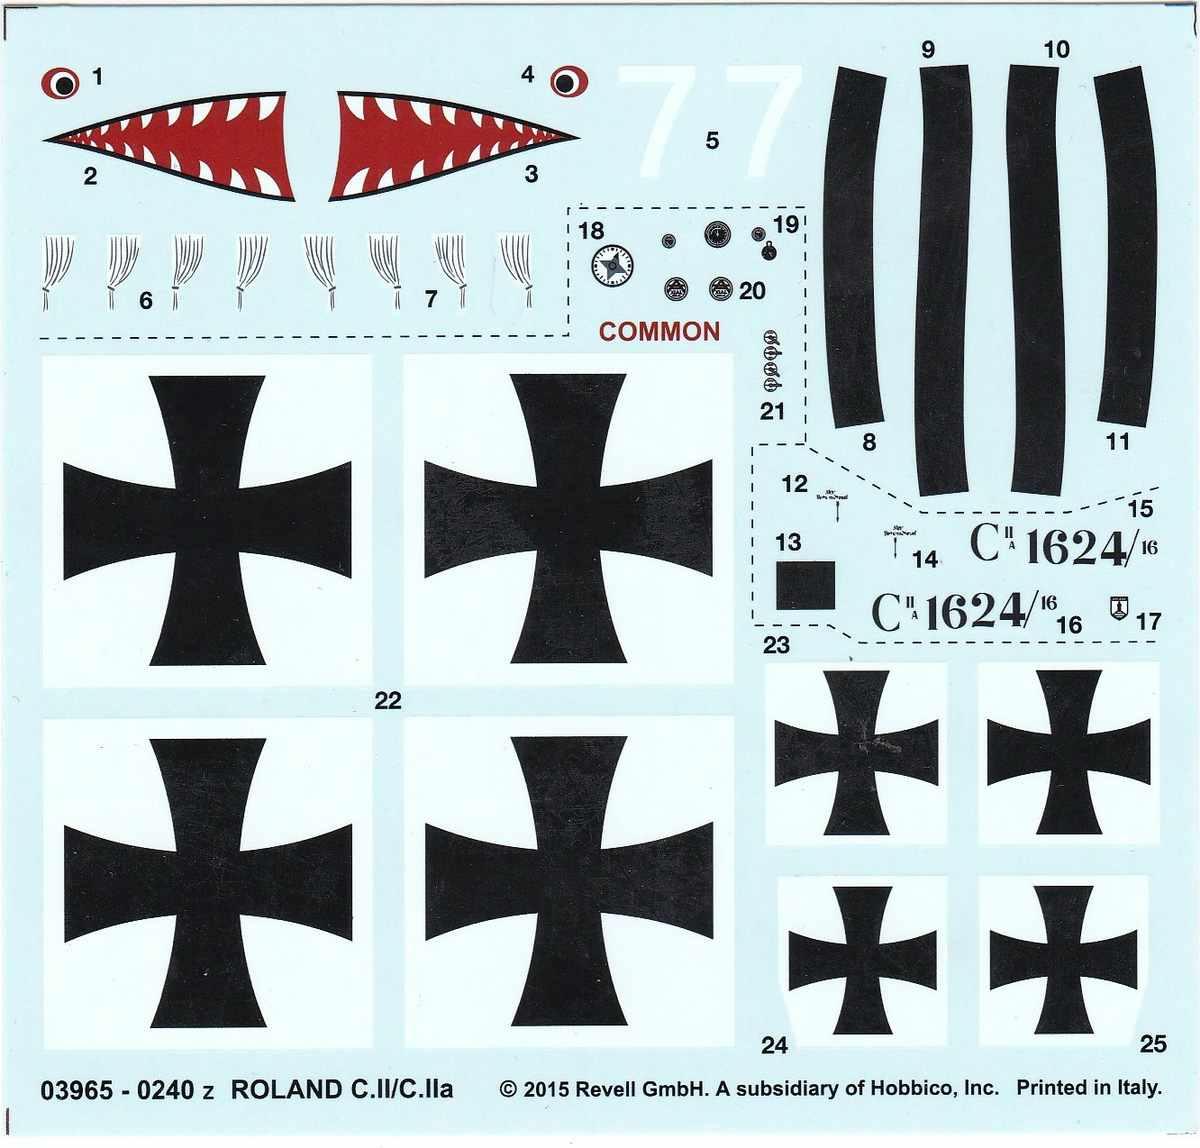 Revell-03965-Roland-C.II-Walfisch-25 Roland C.II Walfisch von Revell im Maßstab 1:48 (# 03965)